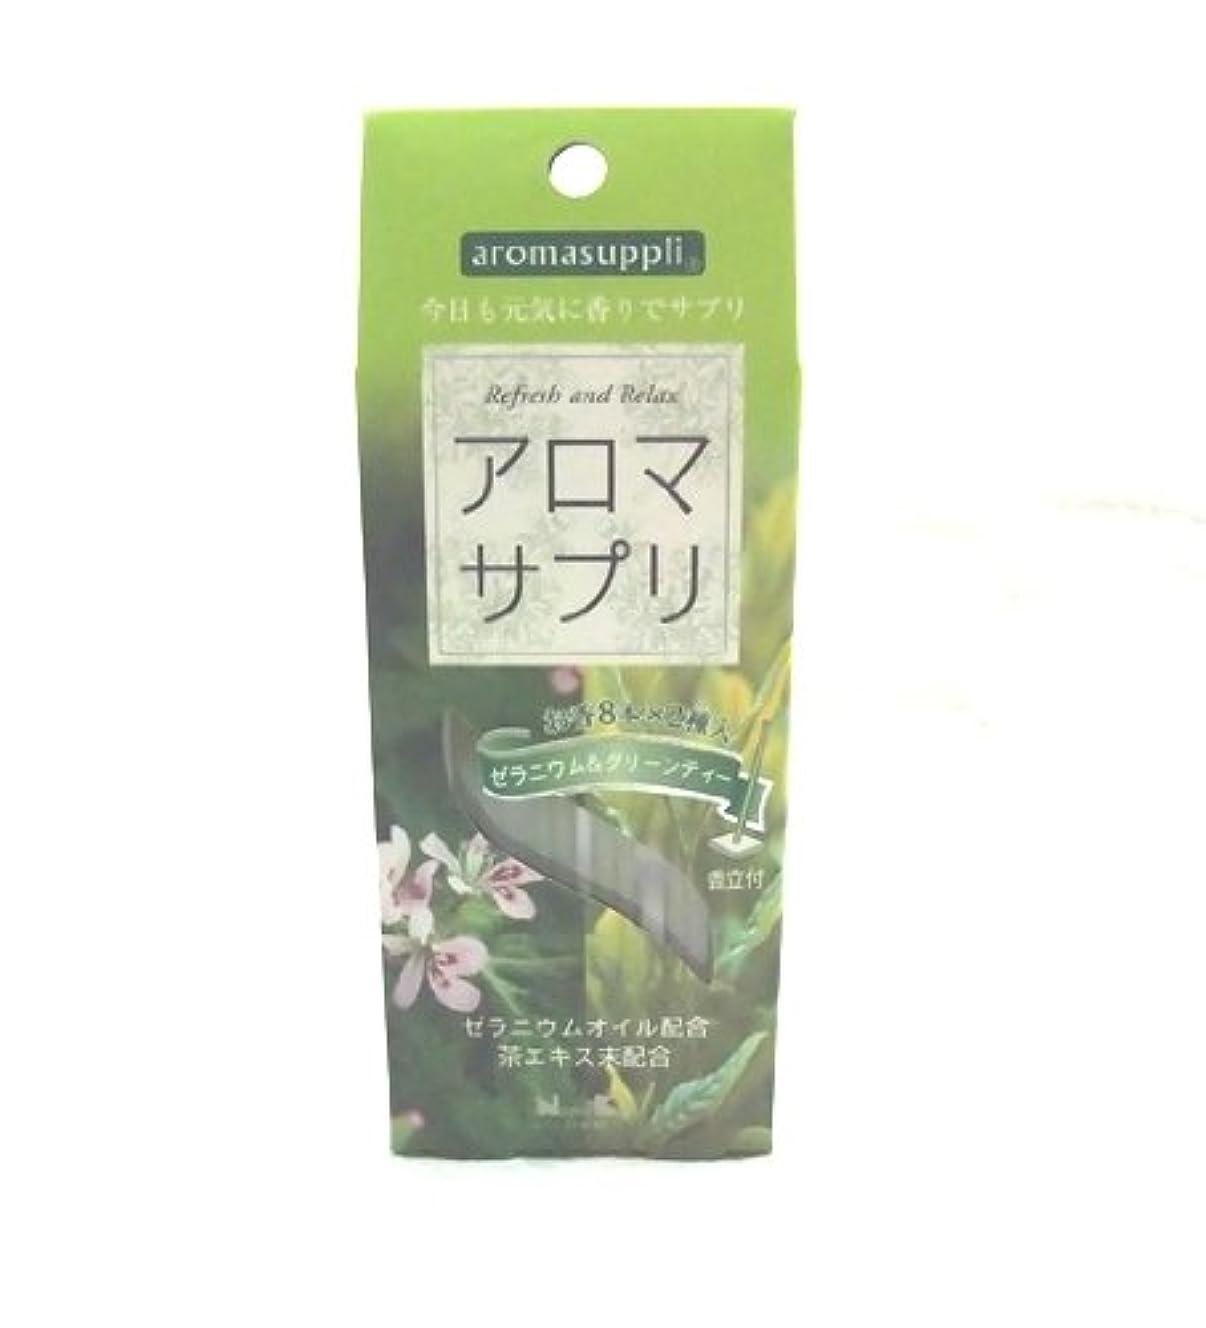 いつネーピア一貫したお香 アロマサプリ<ゼラニウム&グリーンティー> 2種類の香り× 各8本入 香立付